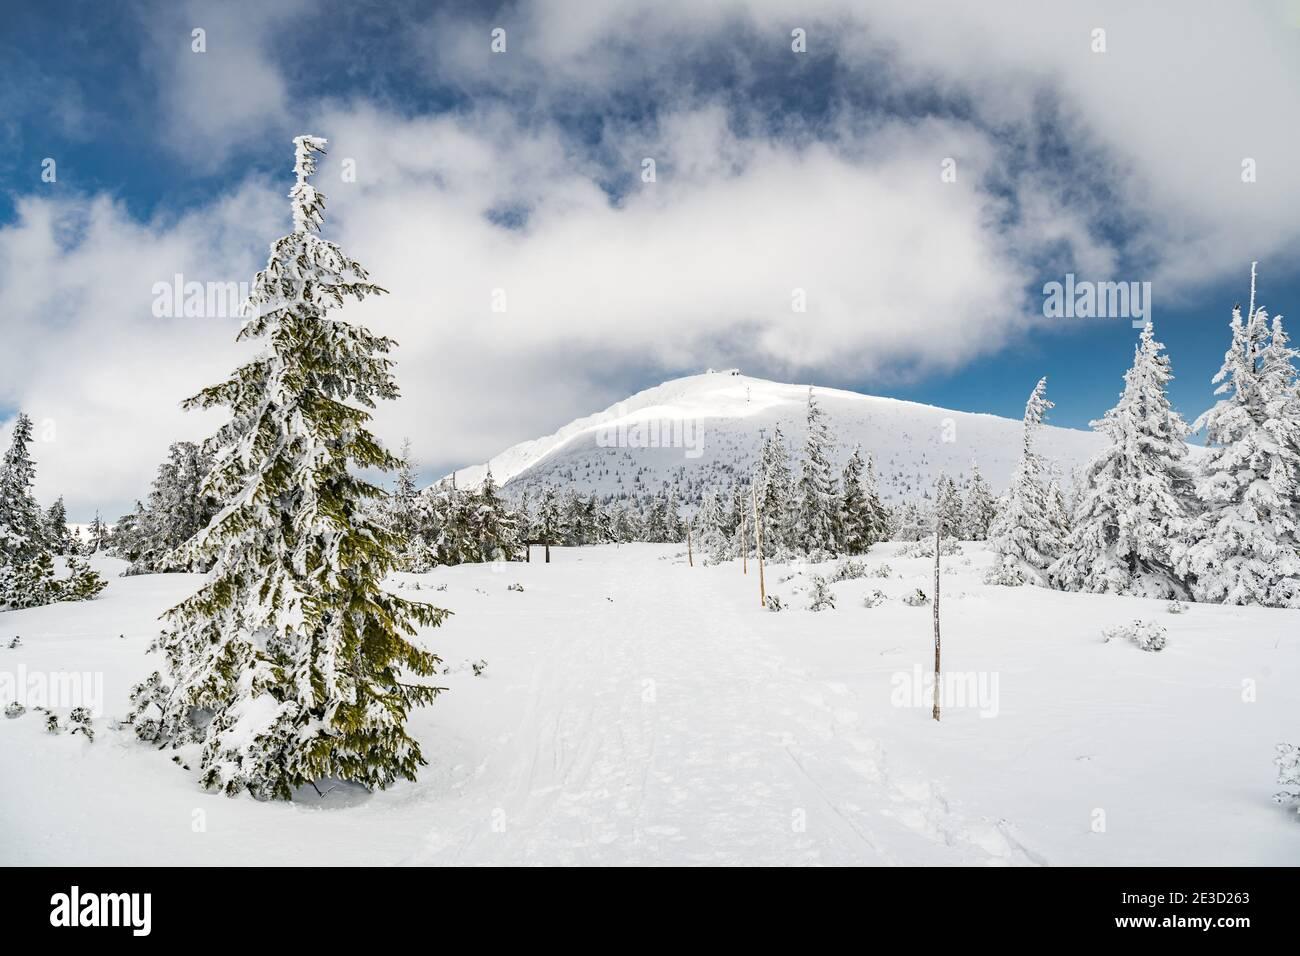 Vue sur un sentier de randonnée qui mène à un sommet de la montagne Snezka, la plus haute montagne tchèque. Situé sur une frontière avec la Pologne. Image hiver de Banque D'Images